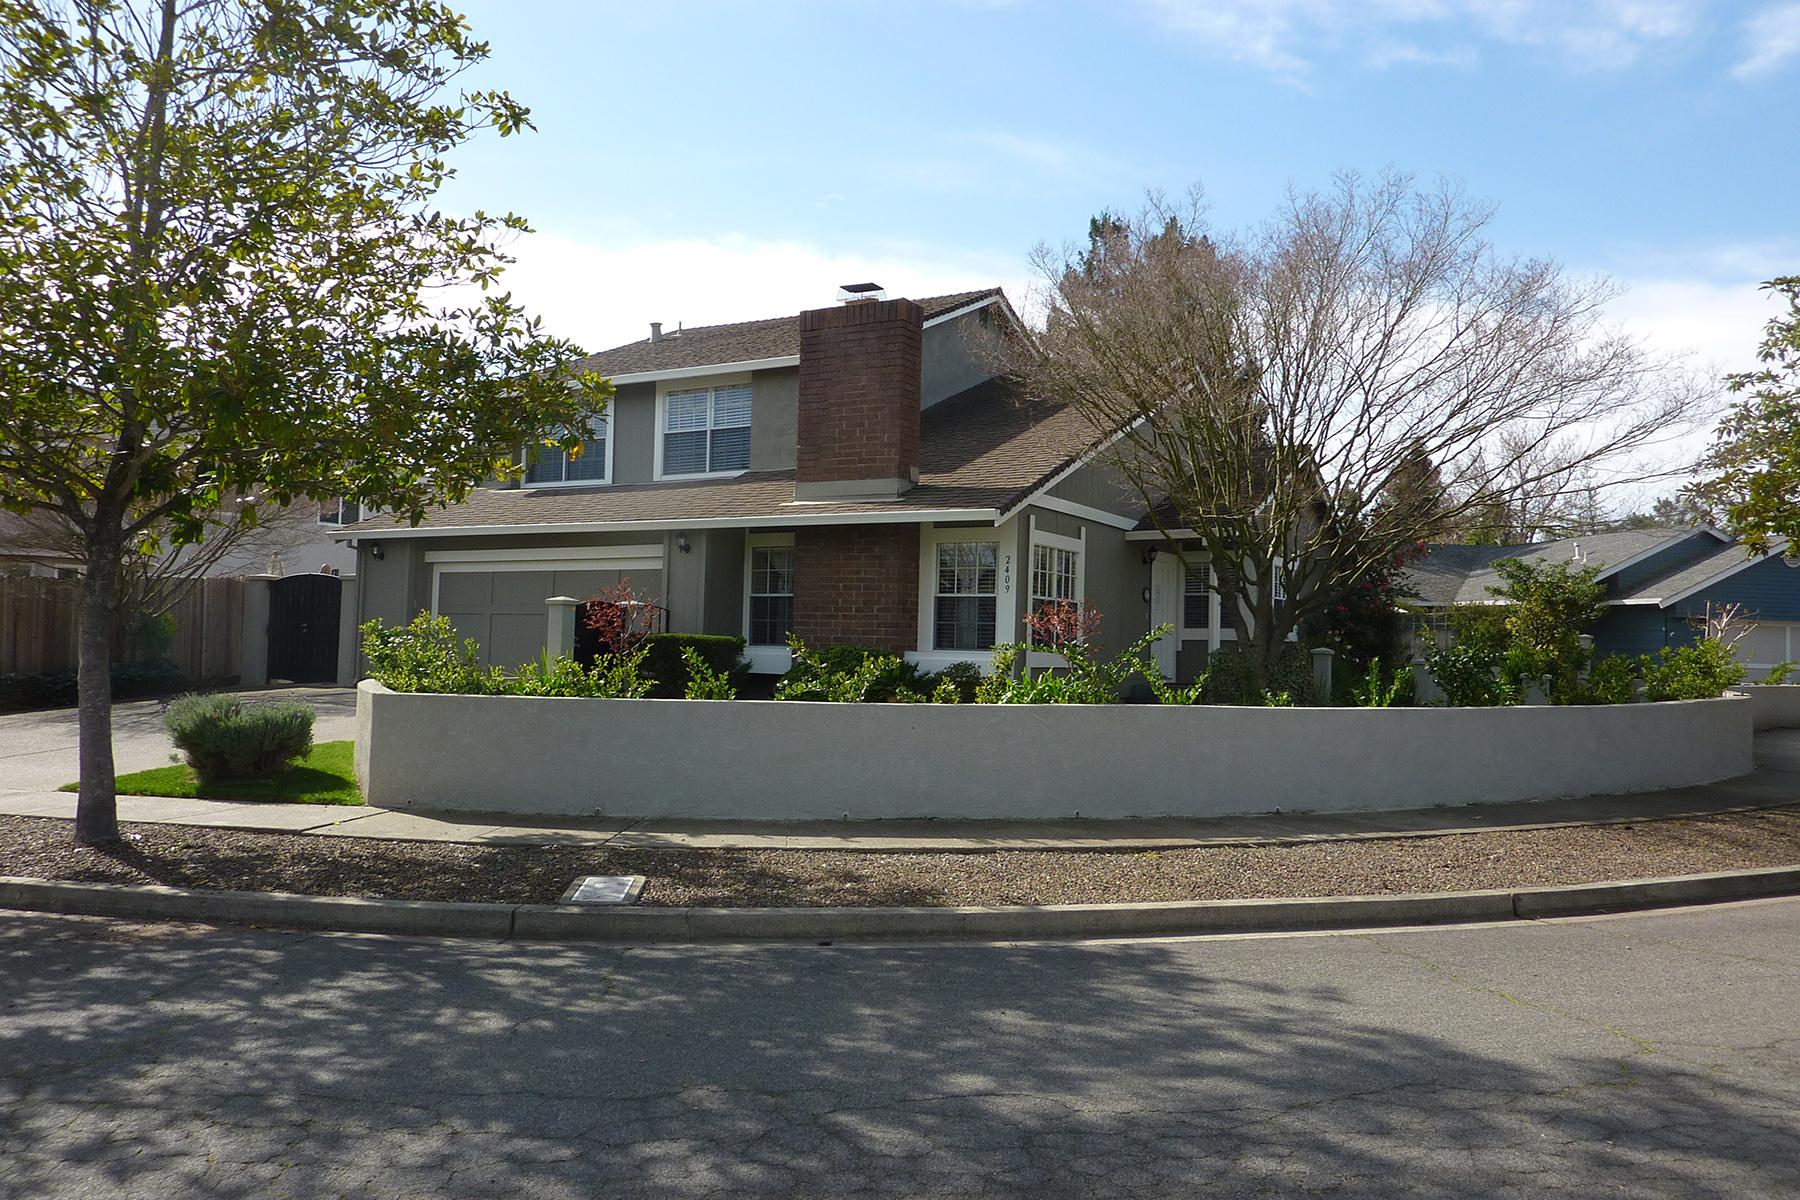 独户住宅 为 销售 在 2409 Stonehouse Ct, Napa, CA 94558 2409 Stonehouse Ct 纳帕, 加利福尼亚州, 94558 美国